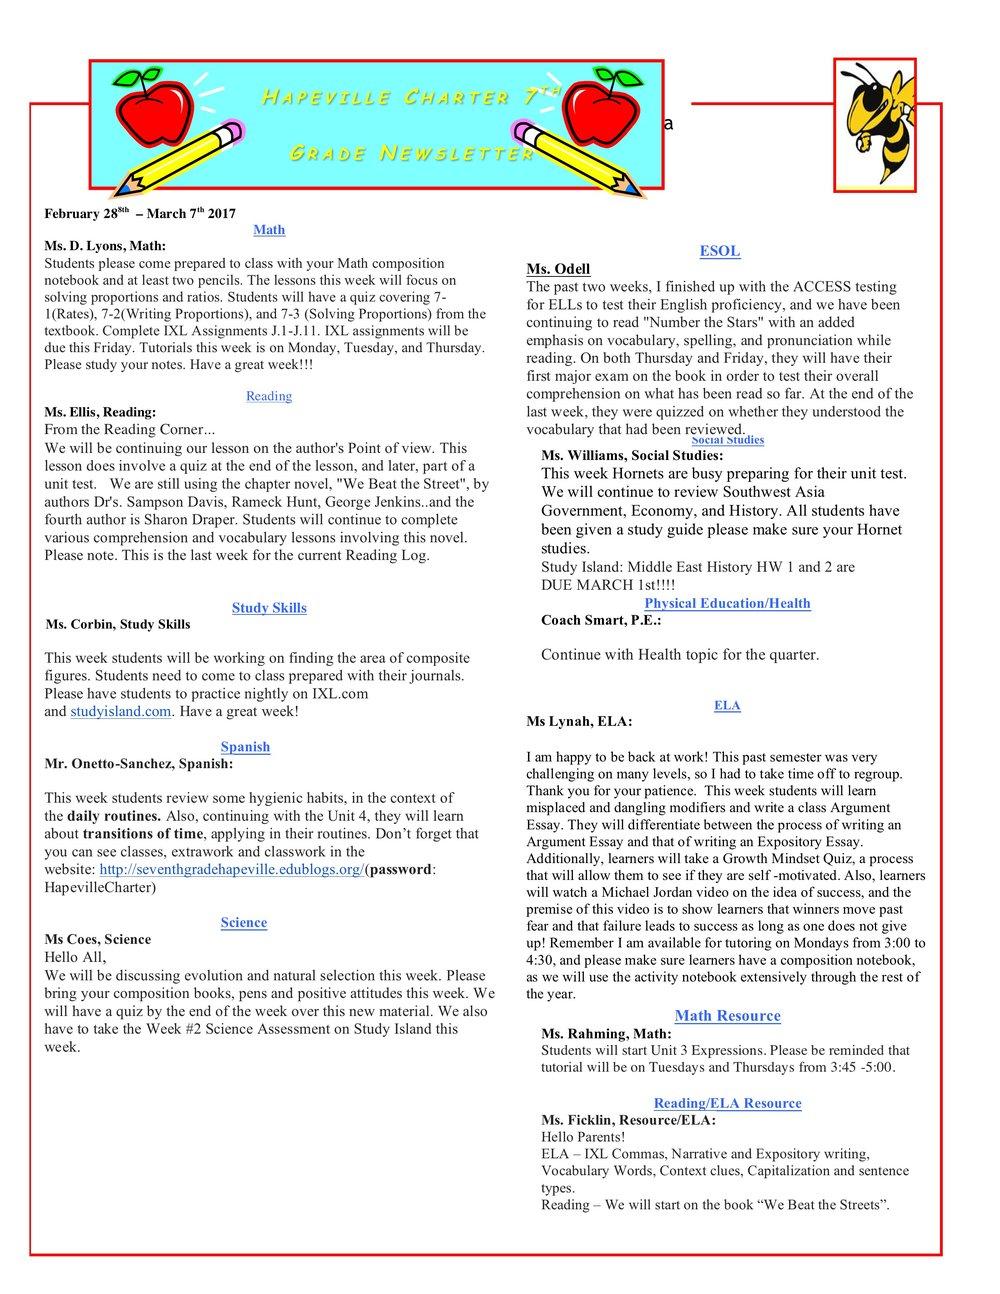 Newsletter Image7th Grade Newsletter 2-28-2017 revised .jpeg